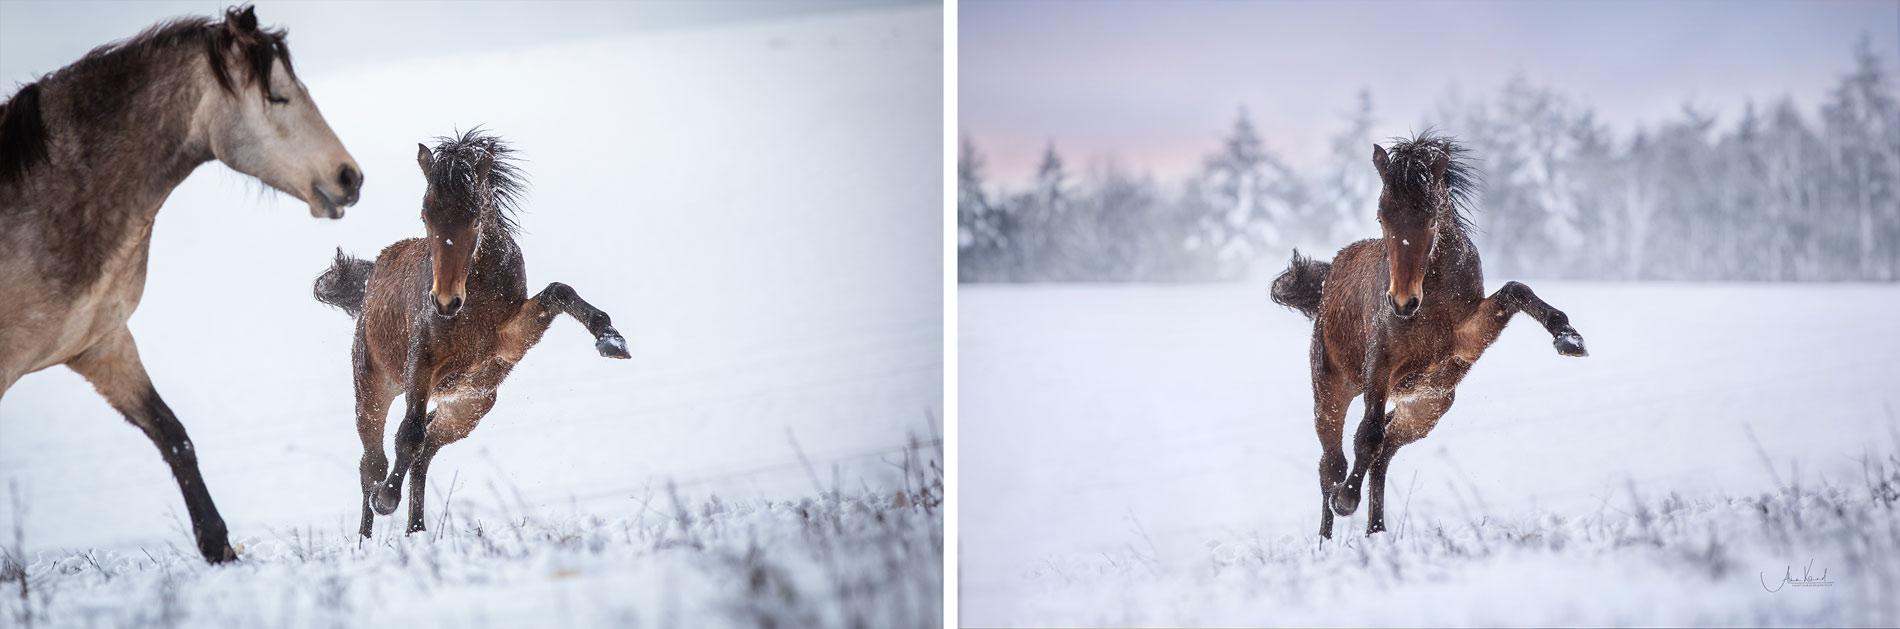 Pferdefotografie - Bildbearbeitung mit Photoshop, Retusche, Hintergrund tauschen